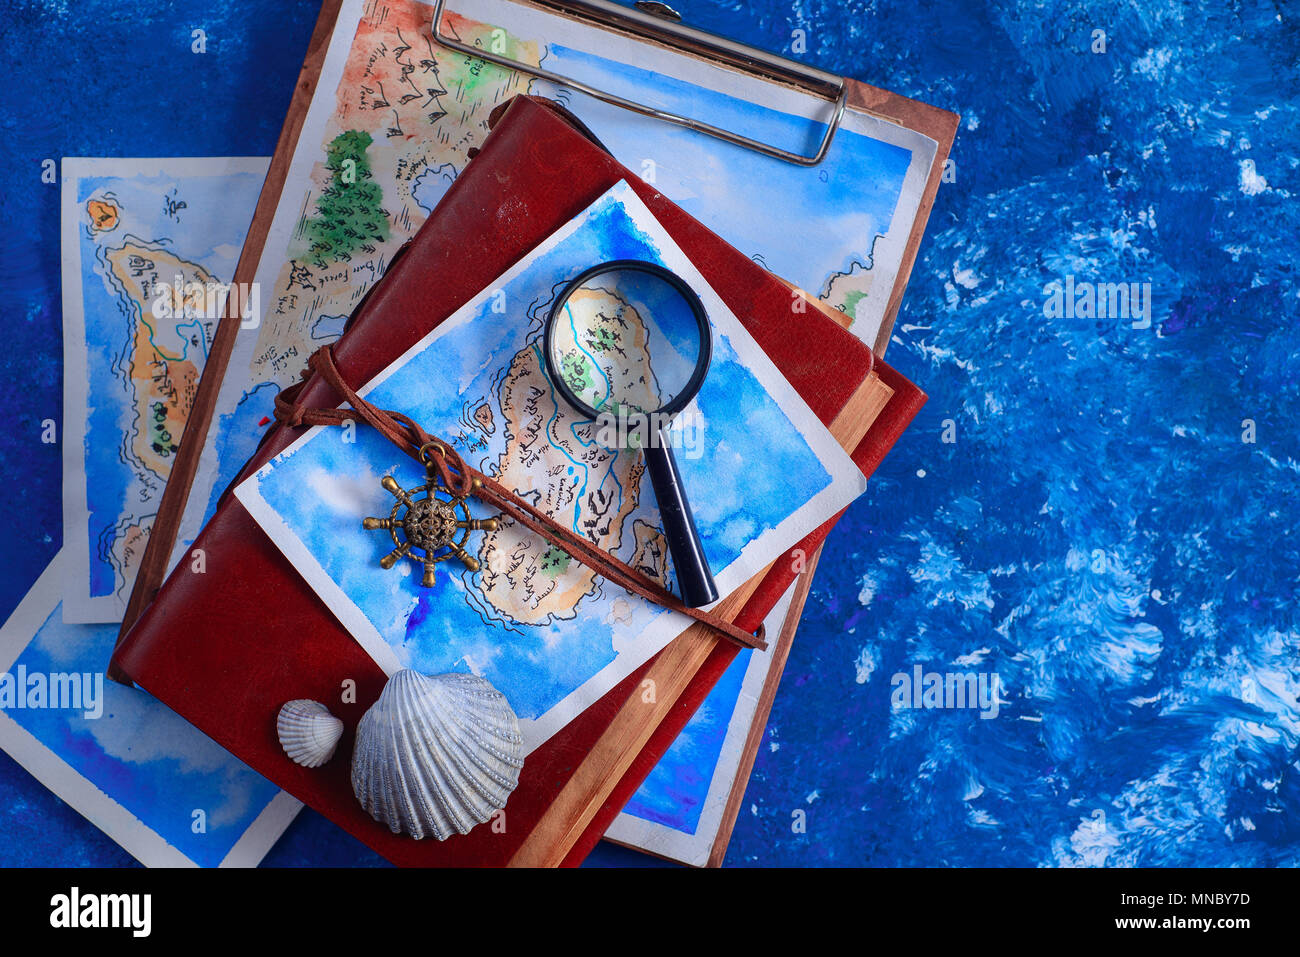 Voyages en mer et la peinture concept. Carte fantaisie aquarelle sur cuir couvrir le capitaine revues avec une loupe sur un fond bleu marine avec l'exemplaire Banque D'Images